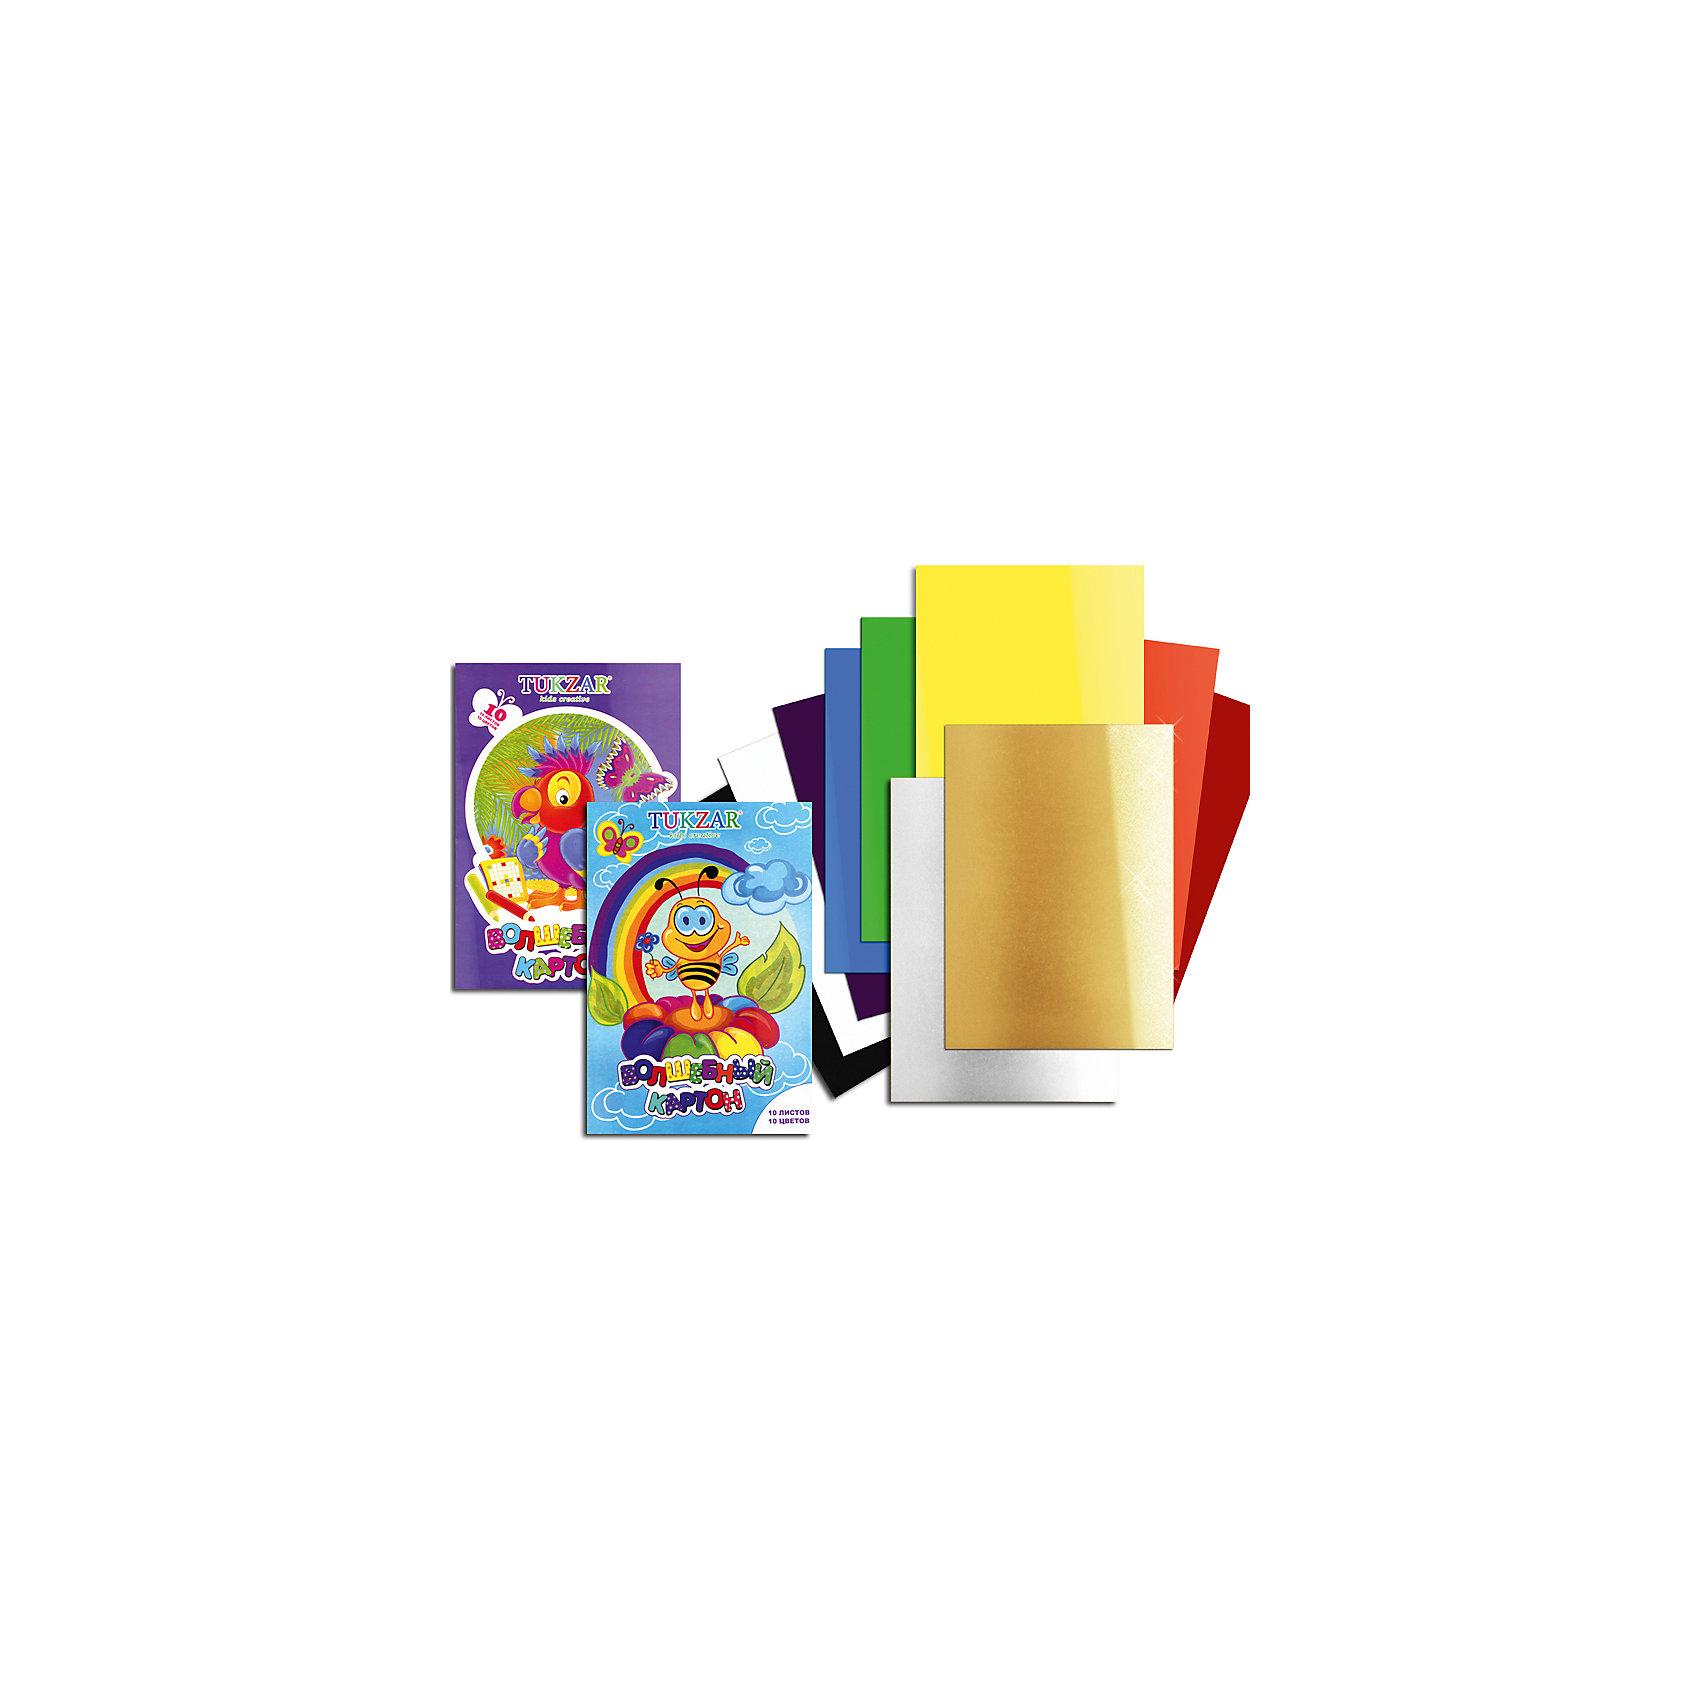 Цветной картон Волшебный А4, 10 цветов, 10 листовЦветной мелованный картон – основа творчества на уроках труда в школе. Цветной картон используют для декорирования, моделирования и аппликации. Картон быстро заканчивается, поэтому можно выбрать понравившуюся модель и докупать при необходимости только ее, а не тратить время на поиски новой. Цветная картон «Волшебный» от компании Tukzar  понравится всем детям и их мамам. У бумаги удобная плотность для складывания и разрезания, а так же яркие и насыщенные цвета. Все материалы, использованные при изготовлении, отвечают международным требованиям по качеству и безопасности.<br><br>Дополнительная информация: <br><br>количество цветов: 10 шт;<br>количество листов: 10;<br>формат: А4.<br><br>Цветной мелованный картон «Волшебный» можно приобрести в нашем магазине.<br><br>Ширина мм: 100<br>Глубина мм: 100<br>Высота мм: 10<br>Вес г: 50<br>Возраст от месяцев: 36<br>Возраст до месяцев: 120<br>Пол: Унисекс<br>Возраст: Детский<br>SKU: 4993577